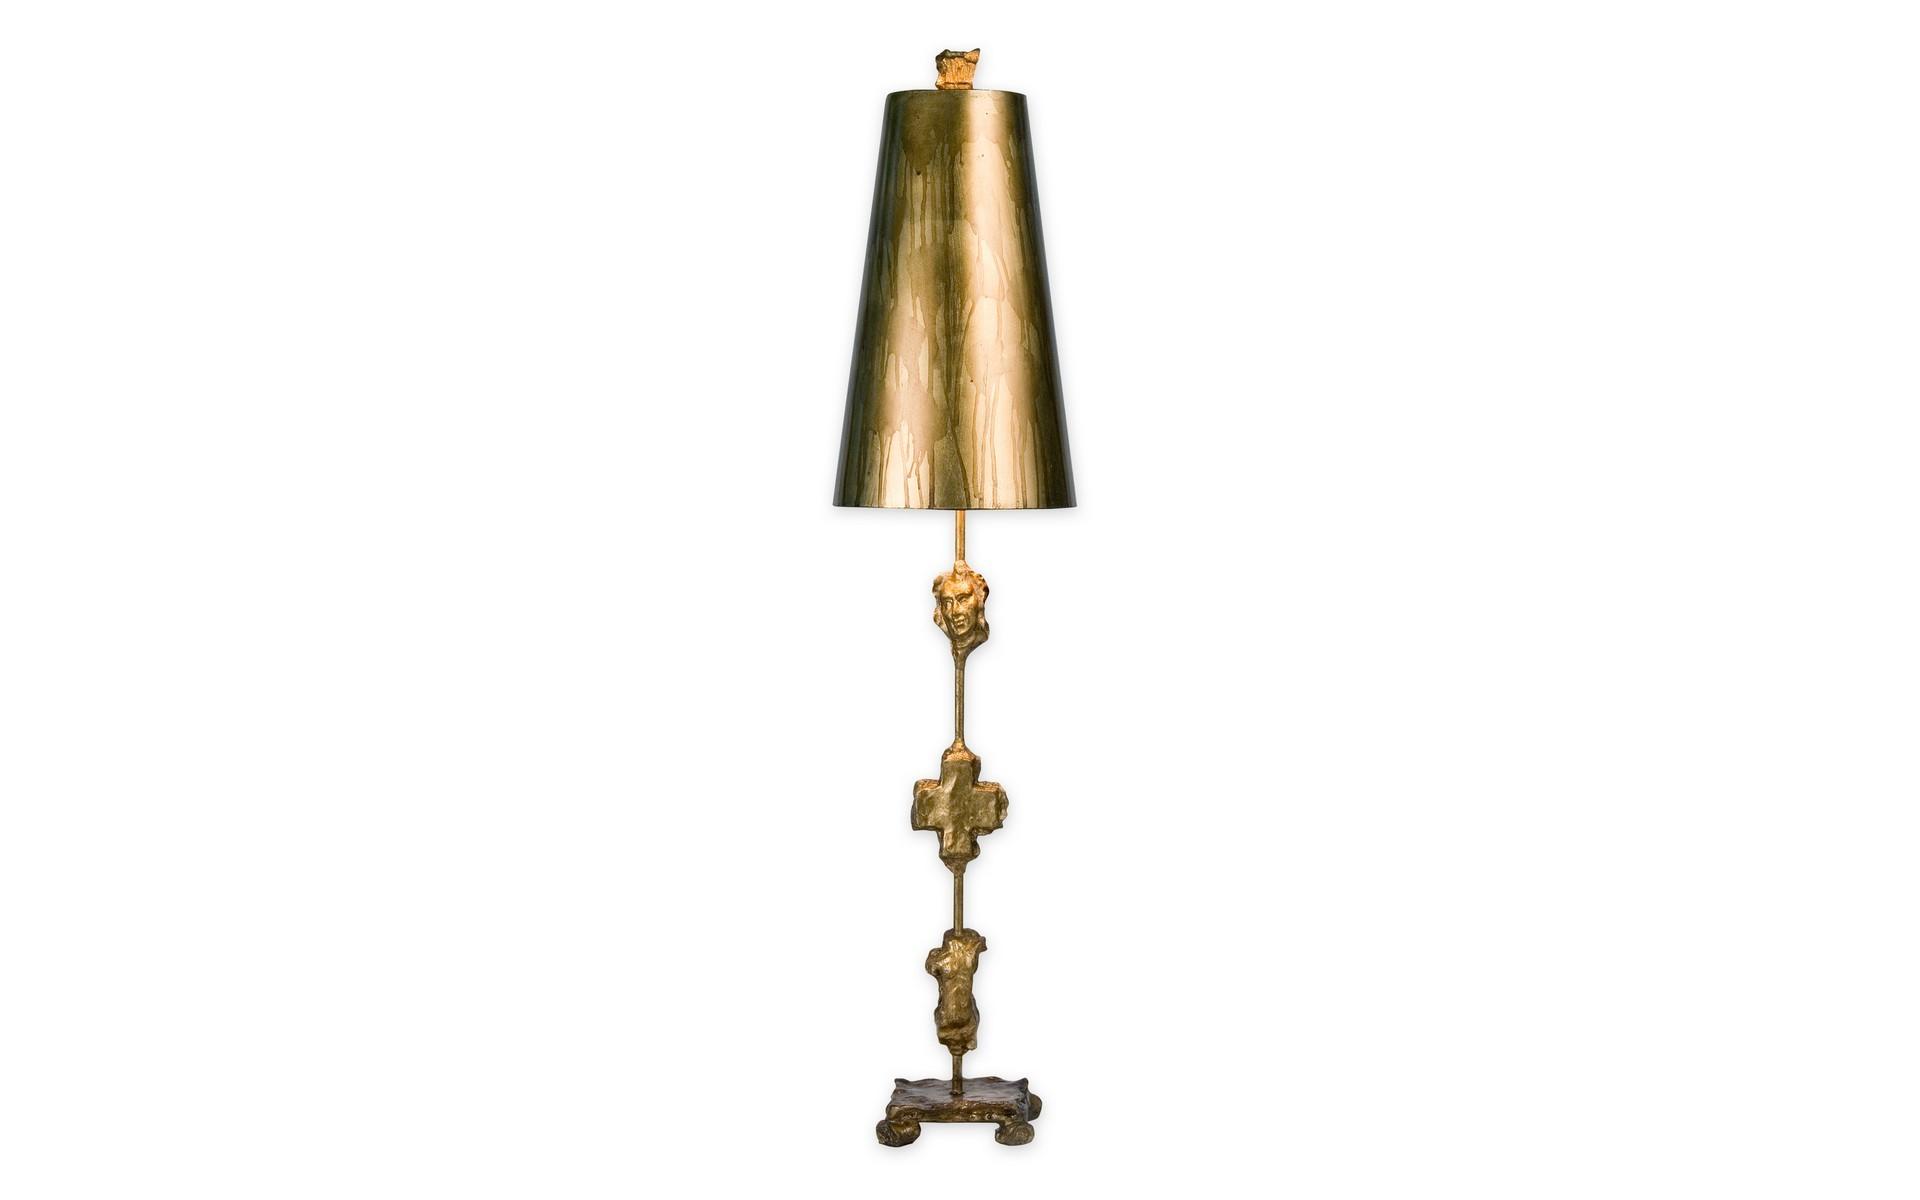 Настольная лампа FRAGMENTДекоративные лампы<br>&amp;lt;div&amp;gt;Вид цоколя: Е27&amp;lt;/div&amp;gt;&amp;lt;div&amp;gt;Мощность цоколя: 60W&amp;lt;/div&amp;gt;&amp;lt;div&amp;gt;Количество ламп: 1&amp;lt;/div&amp;gt;&amp;lt;div&amp;gt;Наличие ламп: нет&amp;lt;/div&amp;gt;<br><br>Material: Металл<br>Высота см: 101